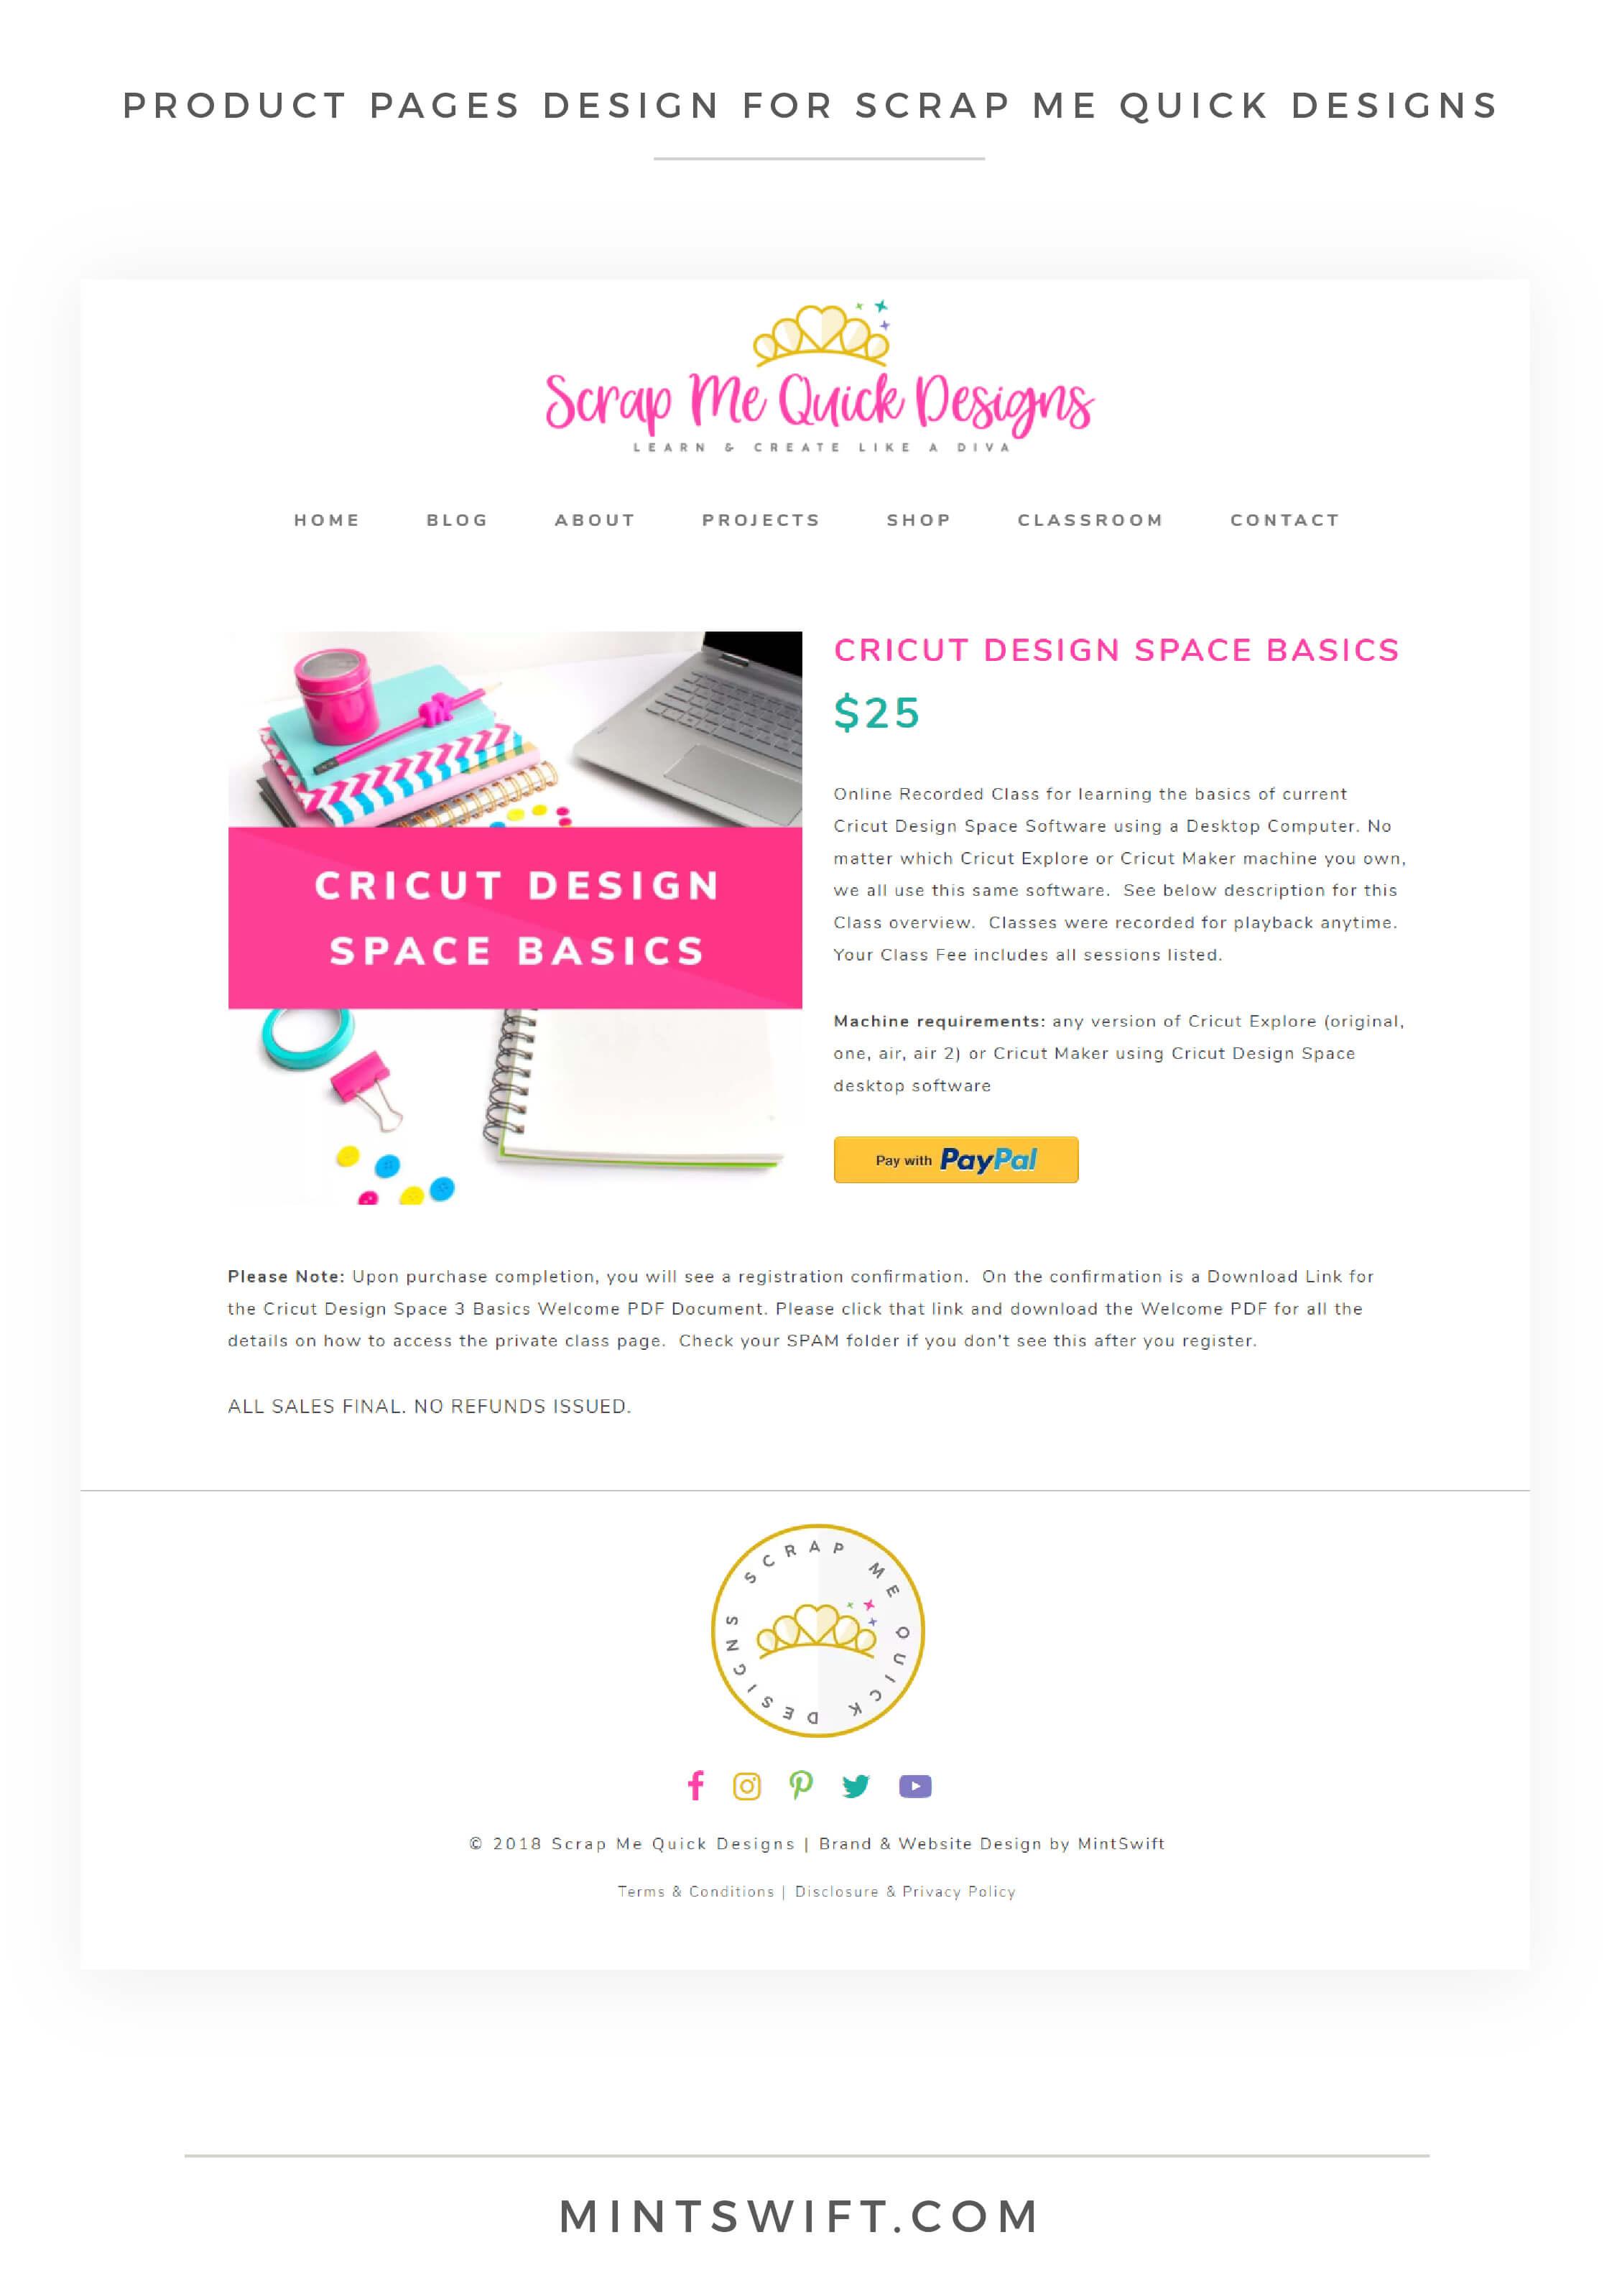 Scrap Me Quick Designs - Product Pages Design - MintSwift